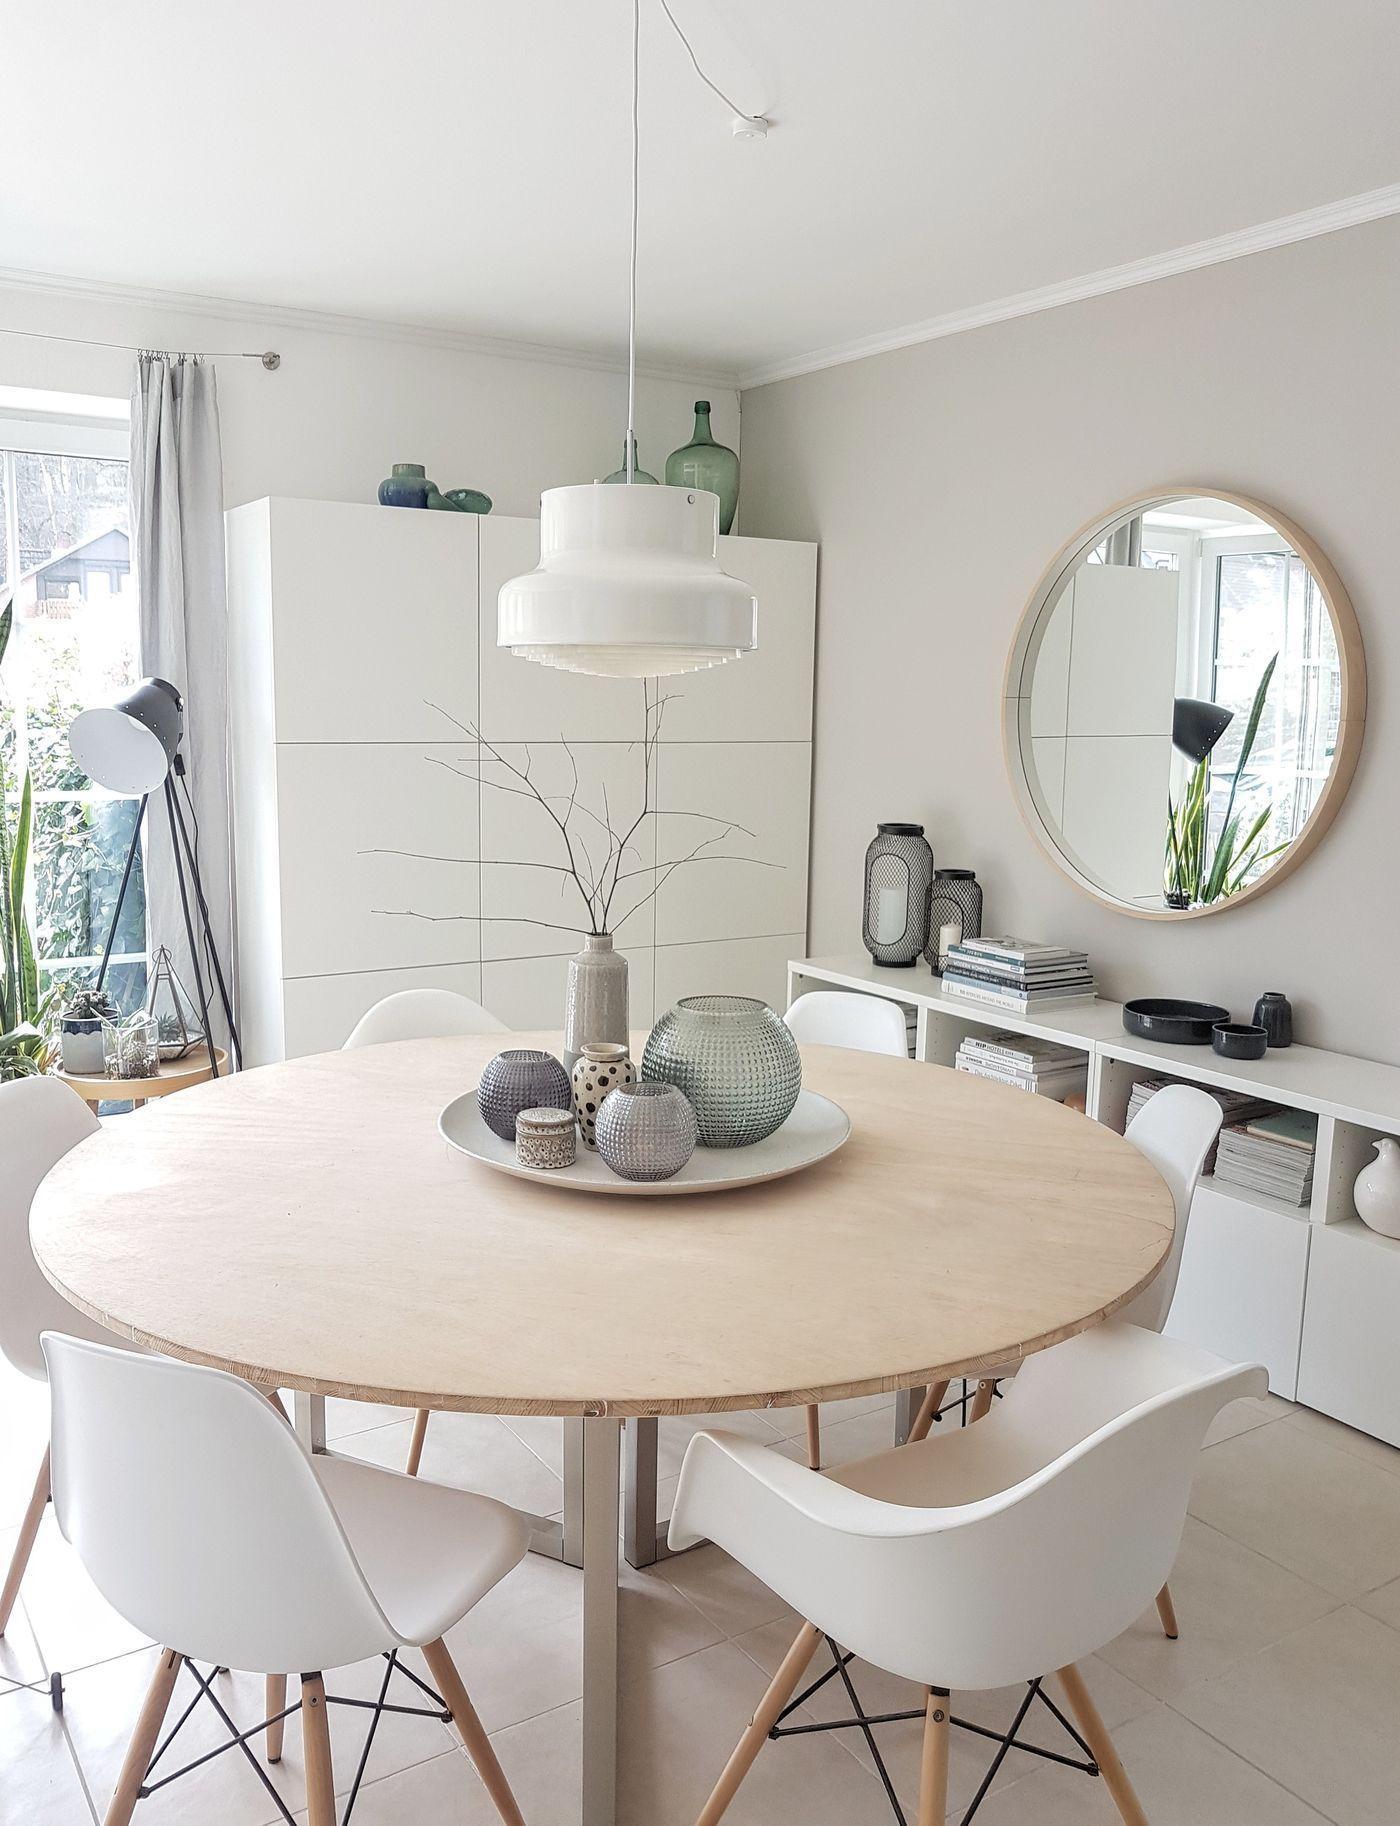 Kuche Die Schonsten Ideen Mit Dem Ikea Besta System In 2020 Kuchentisch Rund Einrichtungsideen Wohnzimmer Esszimmer Wohnzimmer Ideen Gemutlich